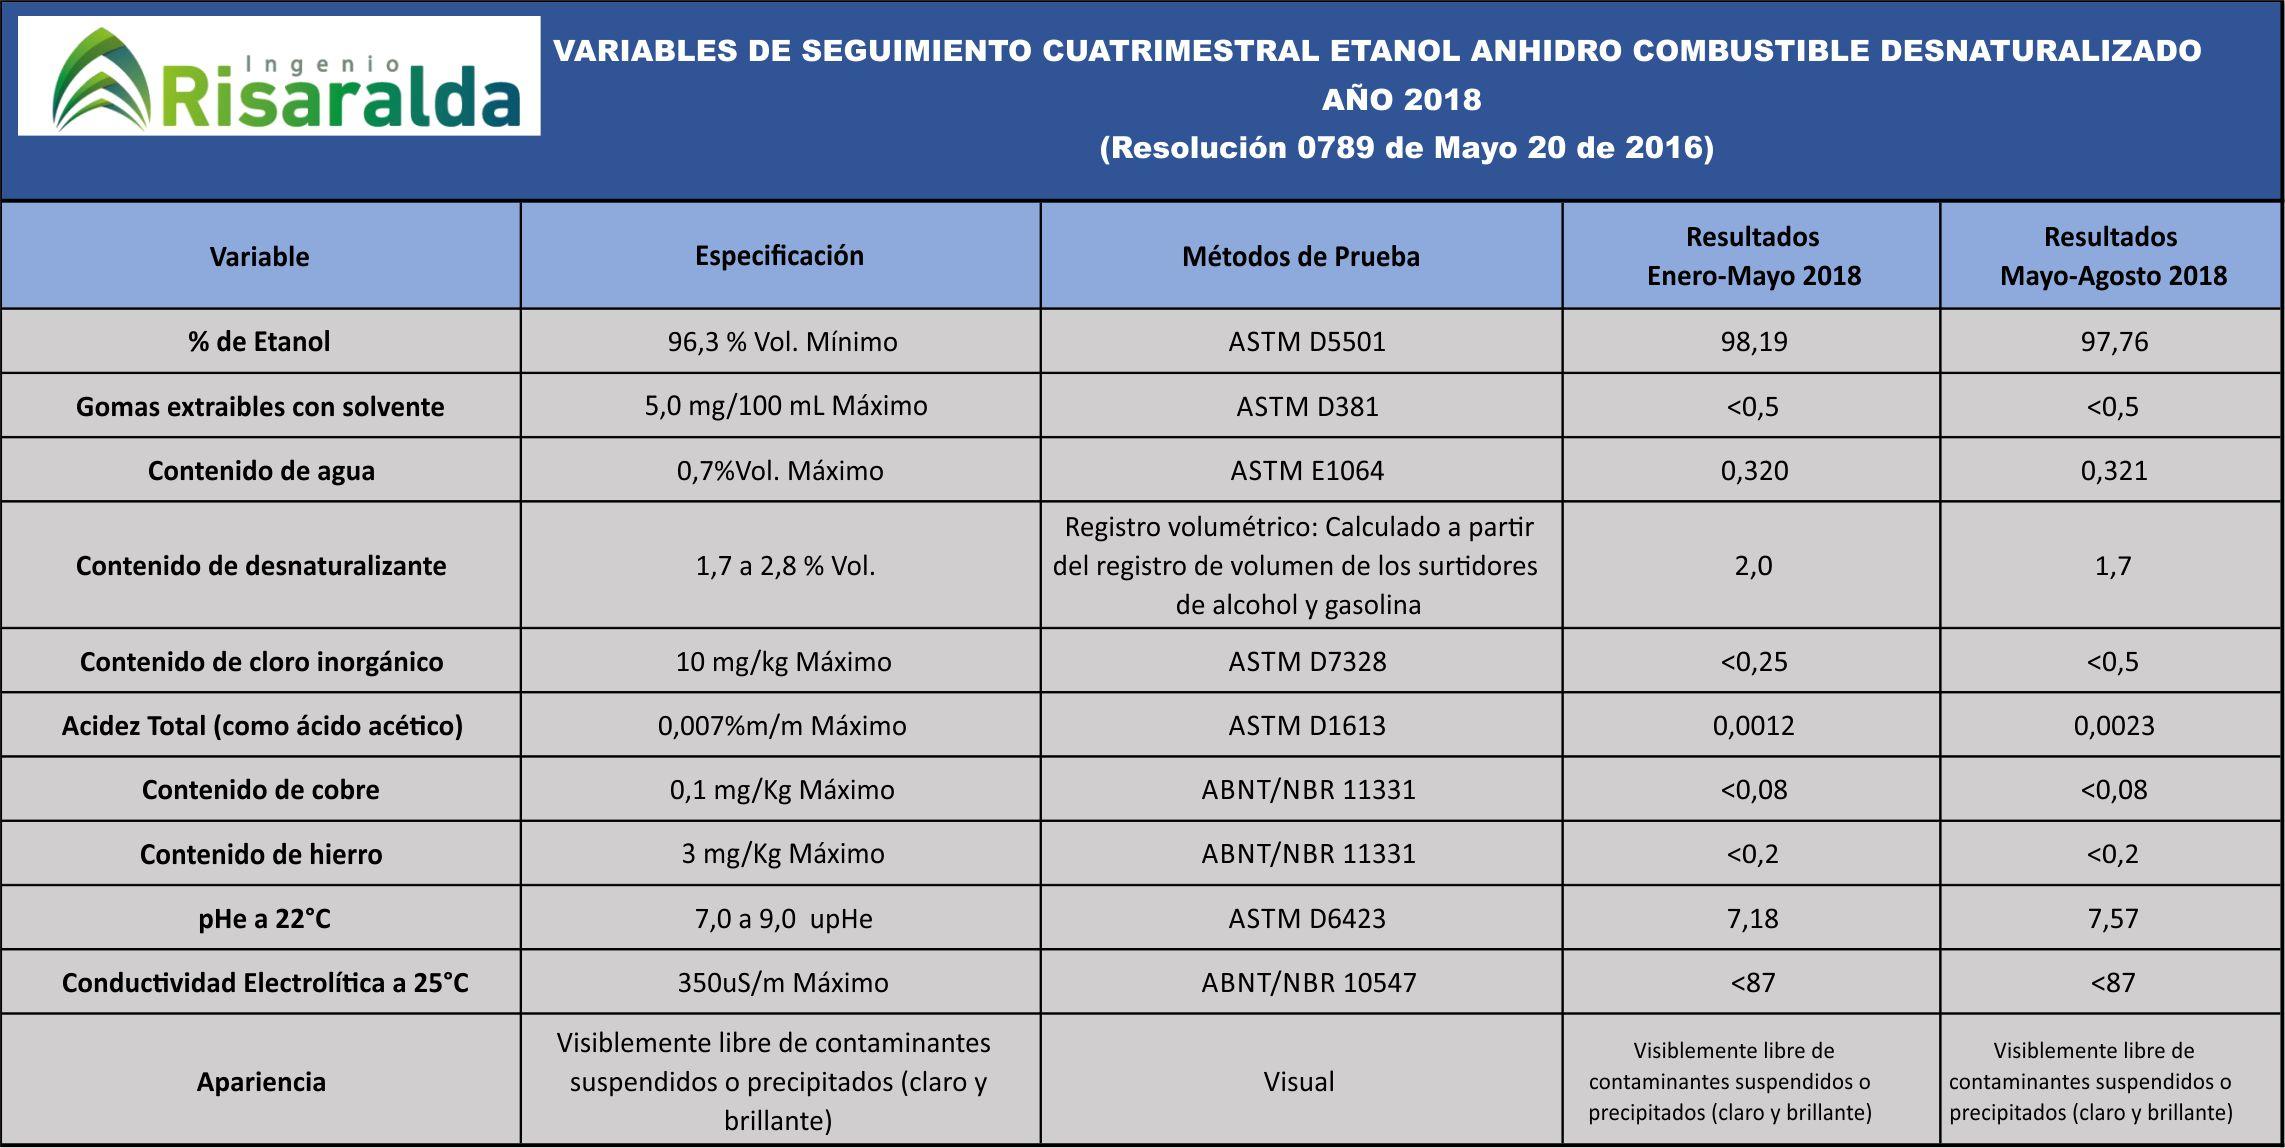 VARIABLES DE SEGUIMIENTO CUATRIMESTRAL ETANOL ANHIDRO COMBUSTIBLE DESNATURALIZADO  AÑO 2018